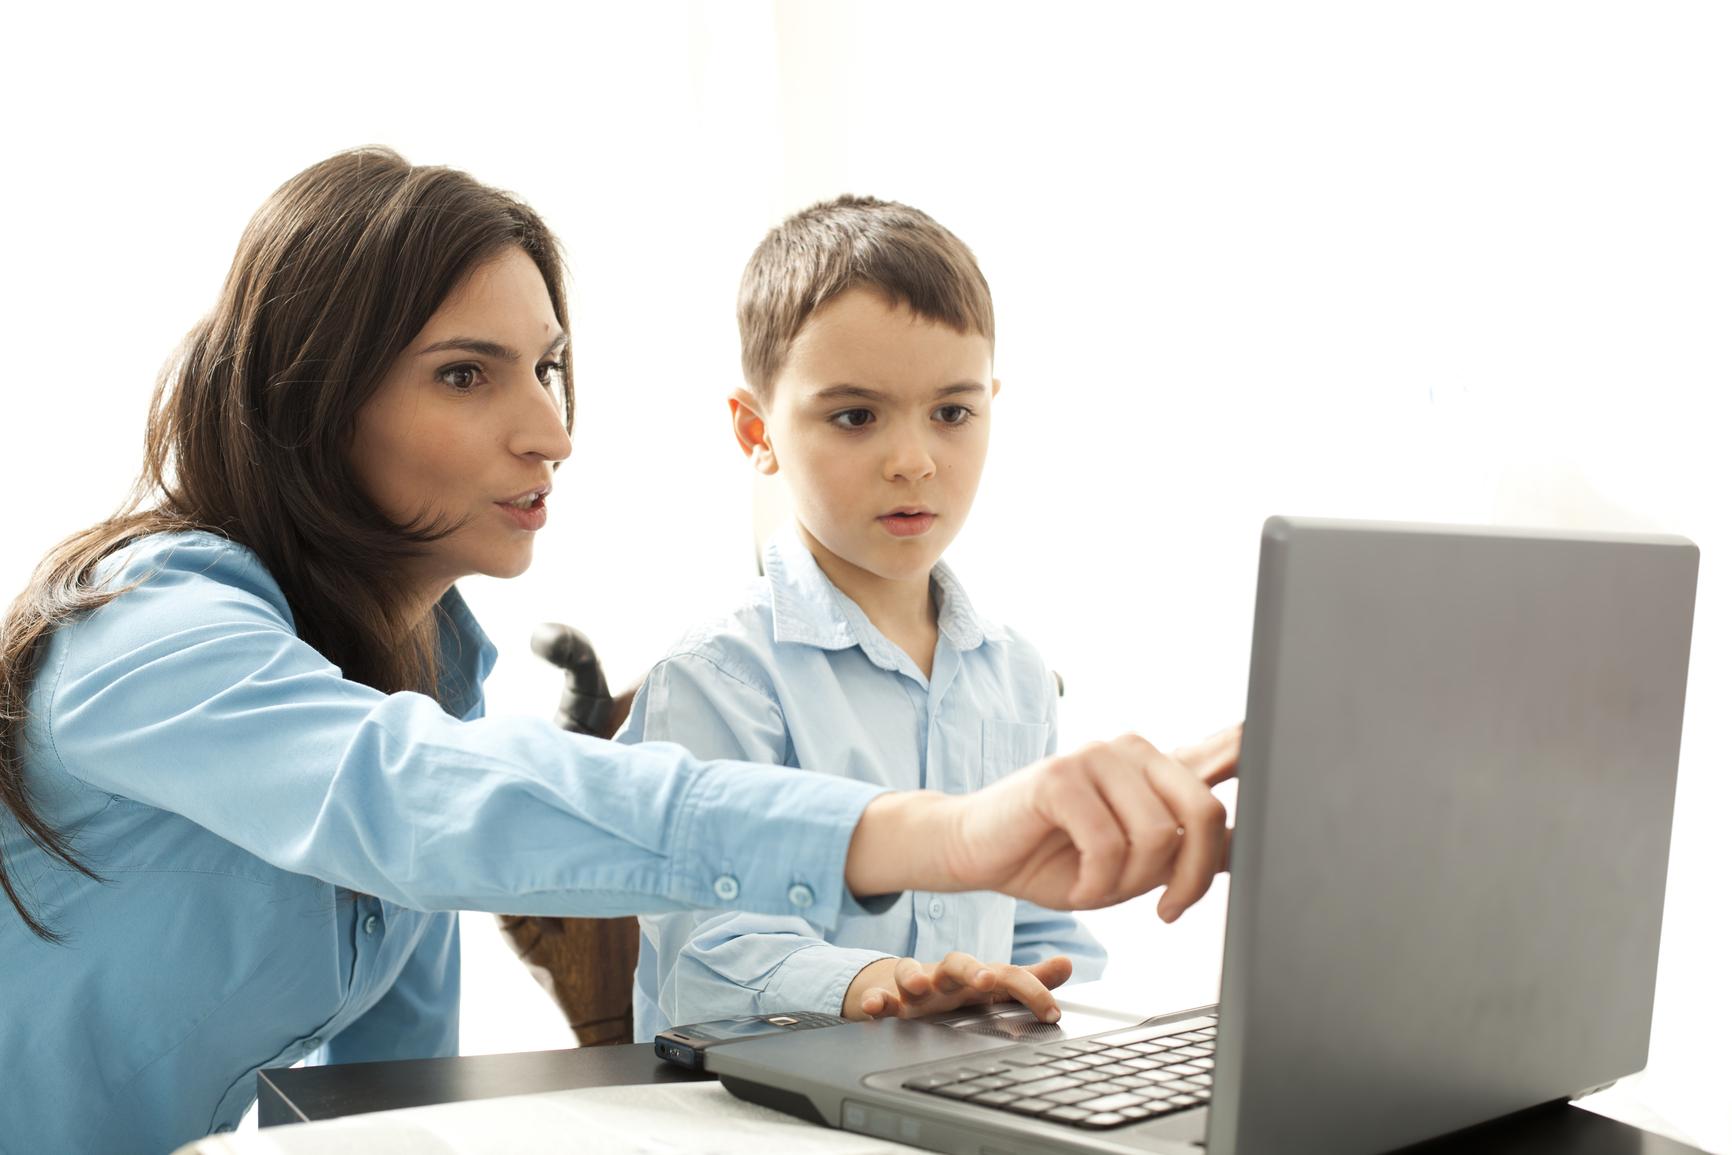 Sự giám sát chặt chẽ của cha mẹ là điều vô cùng cần thiết trong quá trình học tiếng anh online của trẻ em